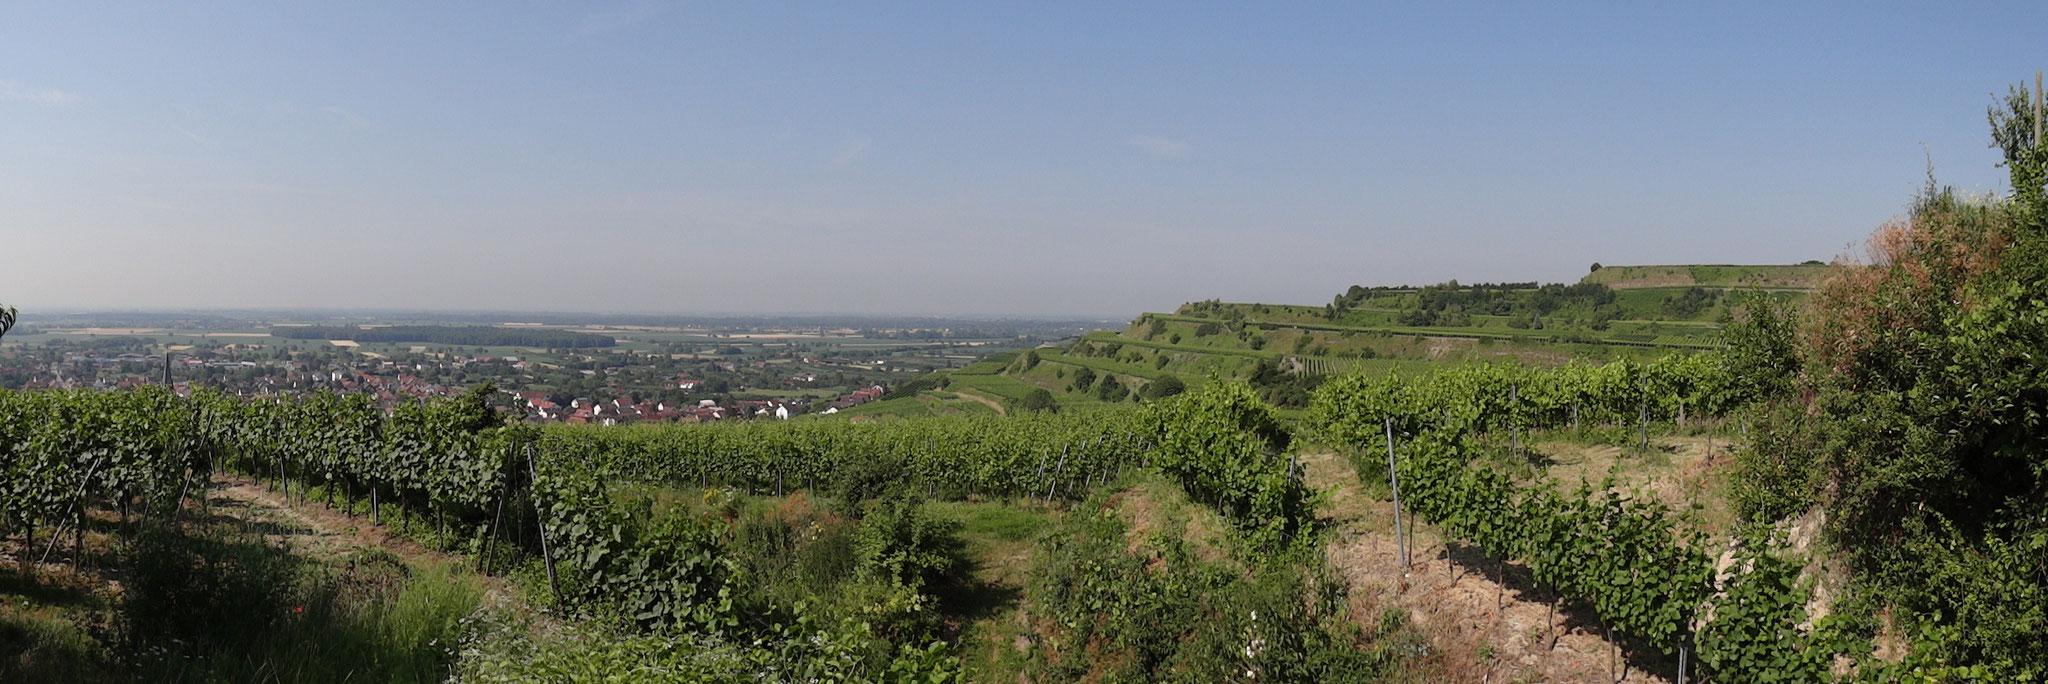 Kaiserstuhl-Landschaft mit den typischen Weinbauterrassen (bei Ihringen)